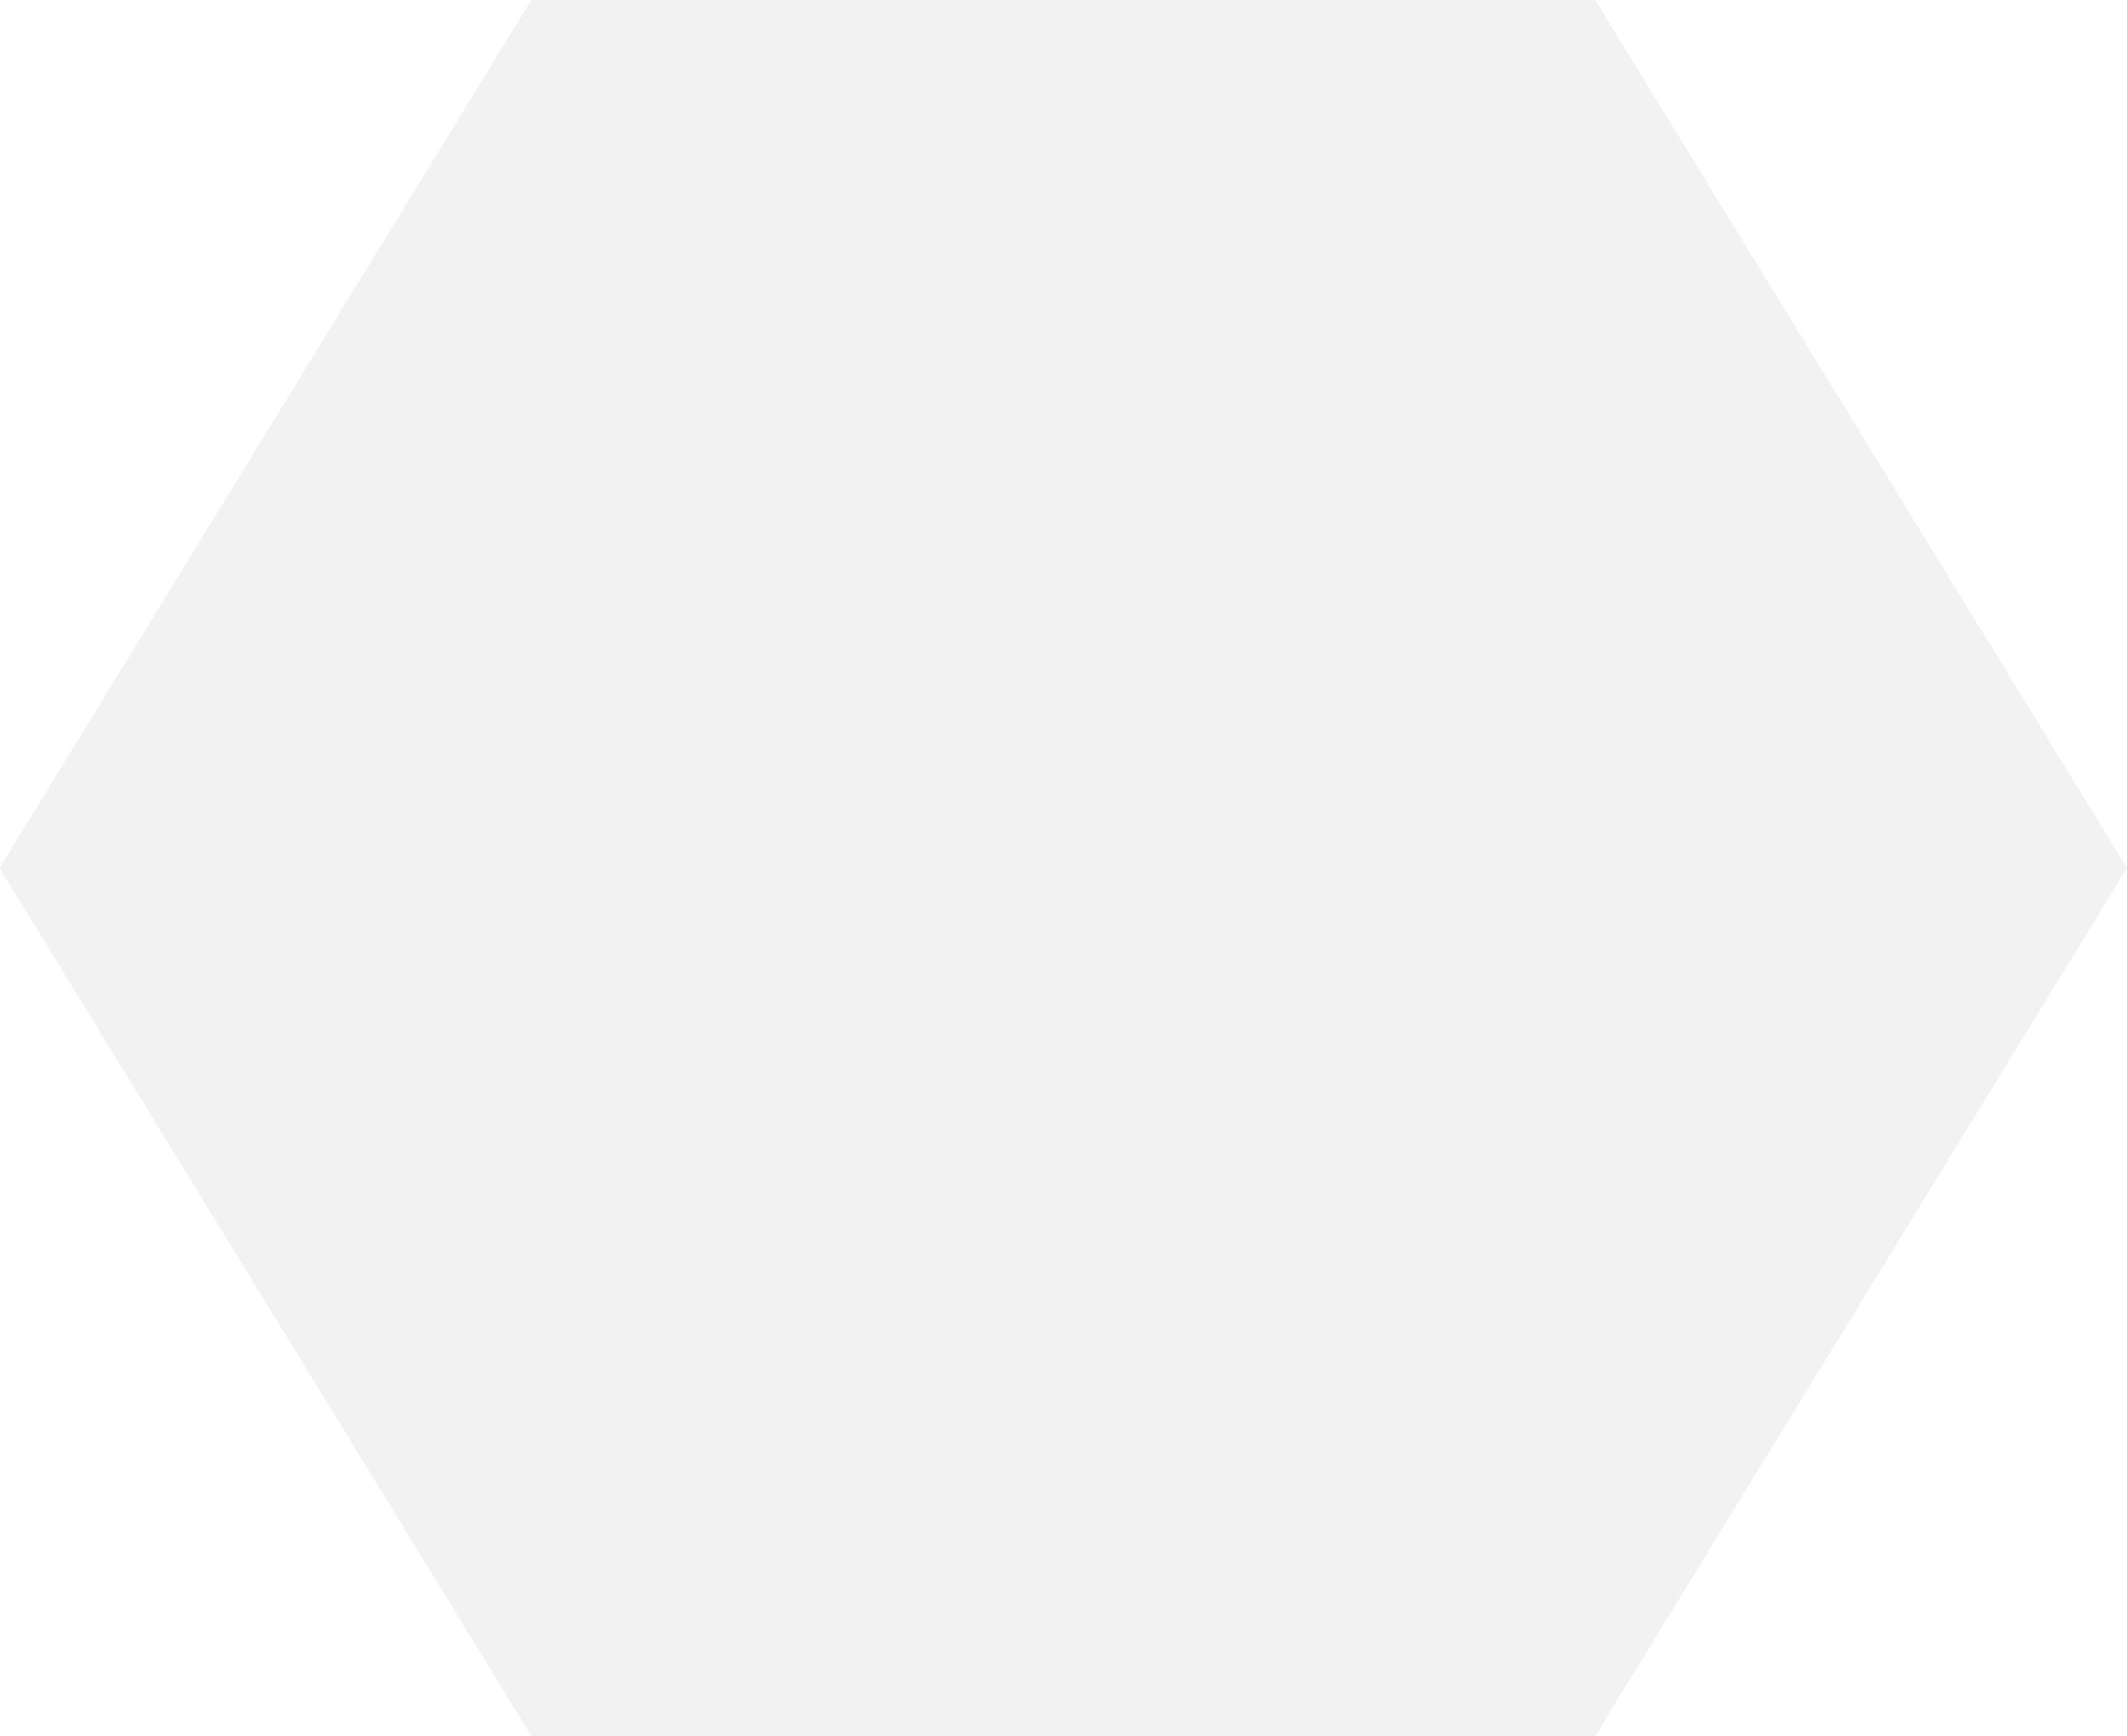 A white hexagon